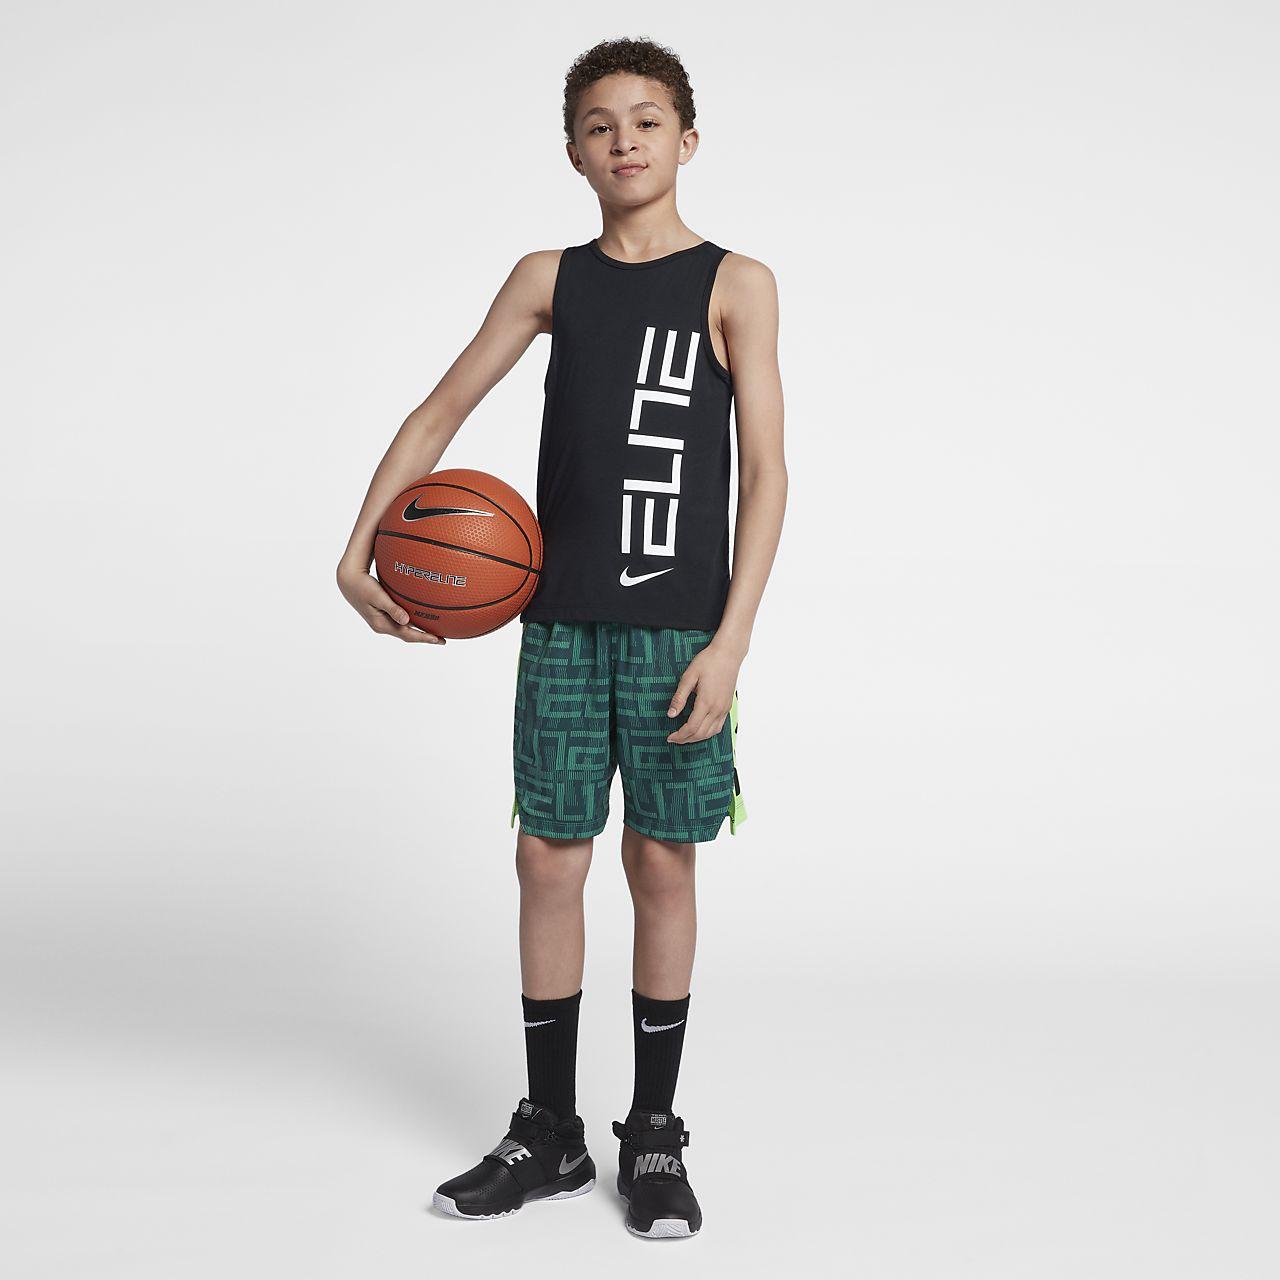 Fantastisch Basketball Spieler Lebenslauf Probe Galerie - Entry ...